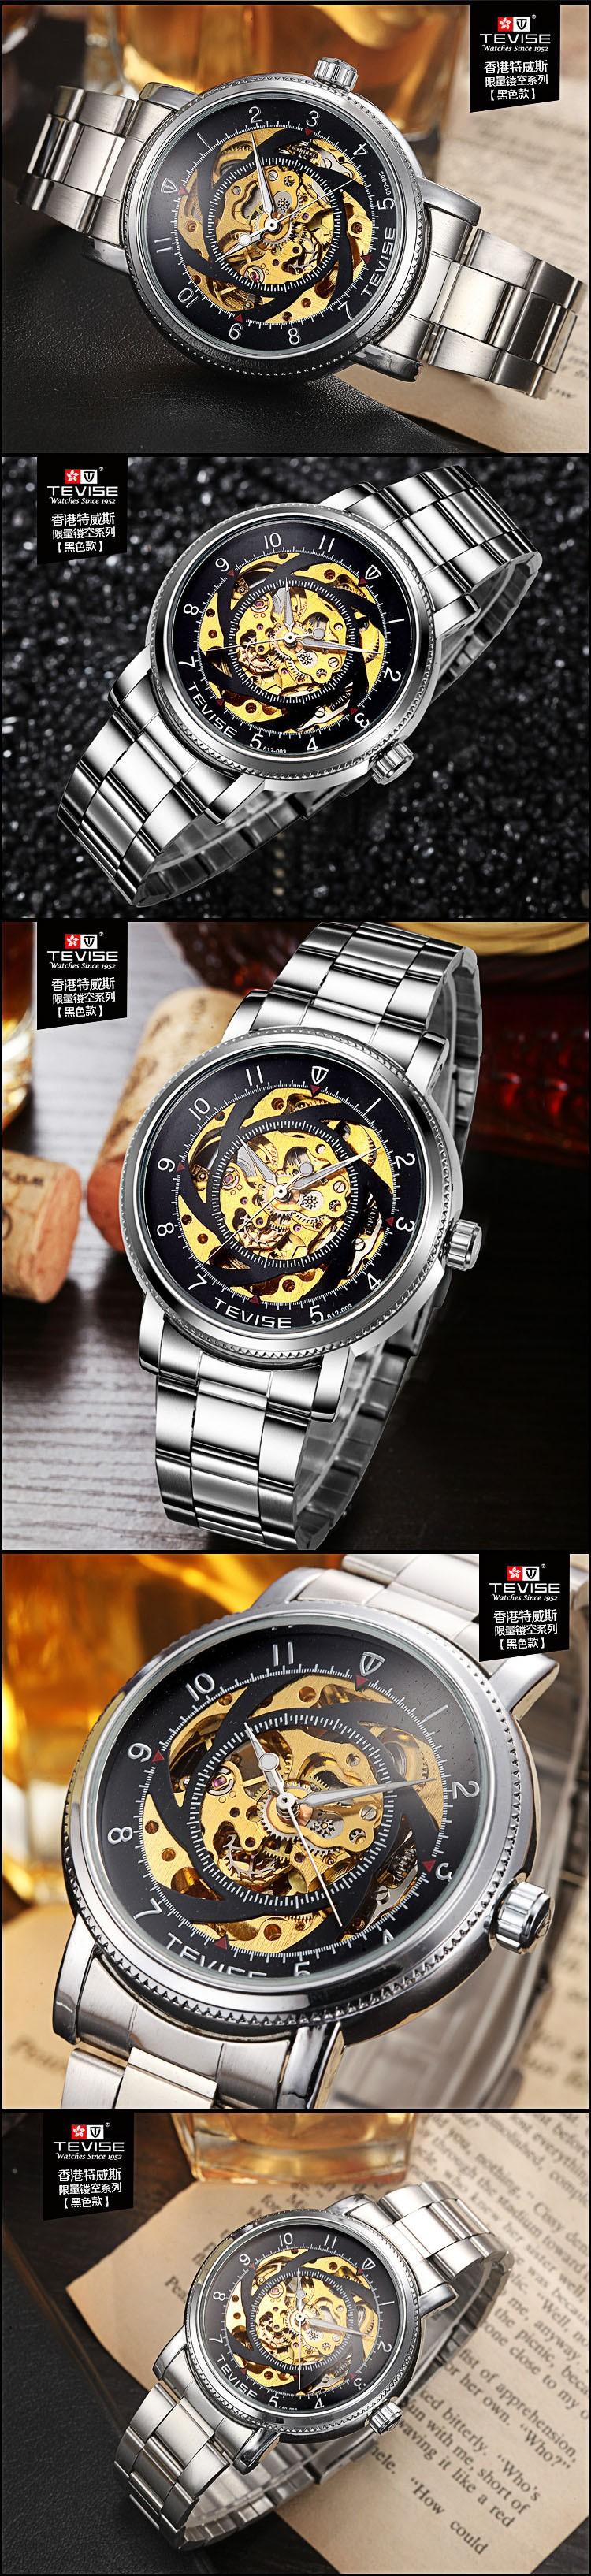 Кожаный Ремешок Автоматические механические часы полые мужские часы водонепроницаемые часы Моды Передач Циферблат дизайн бренда мужские Наручные Часы